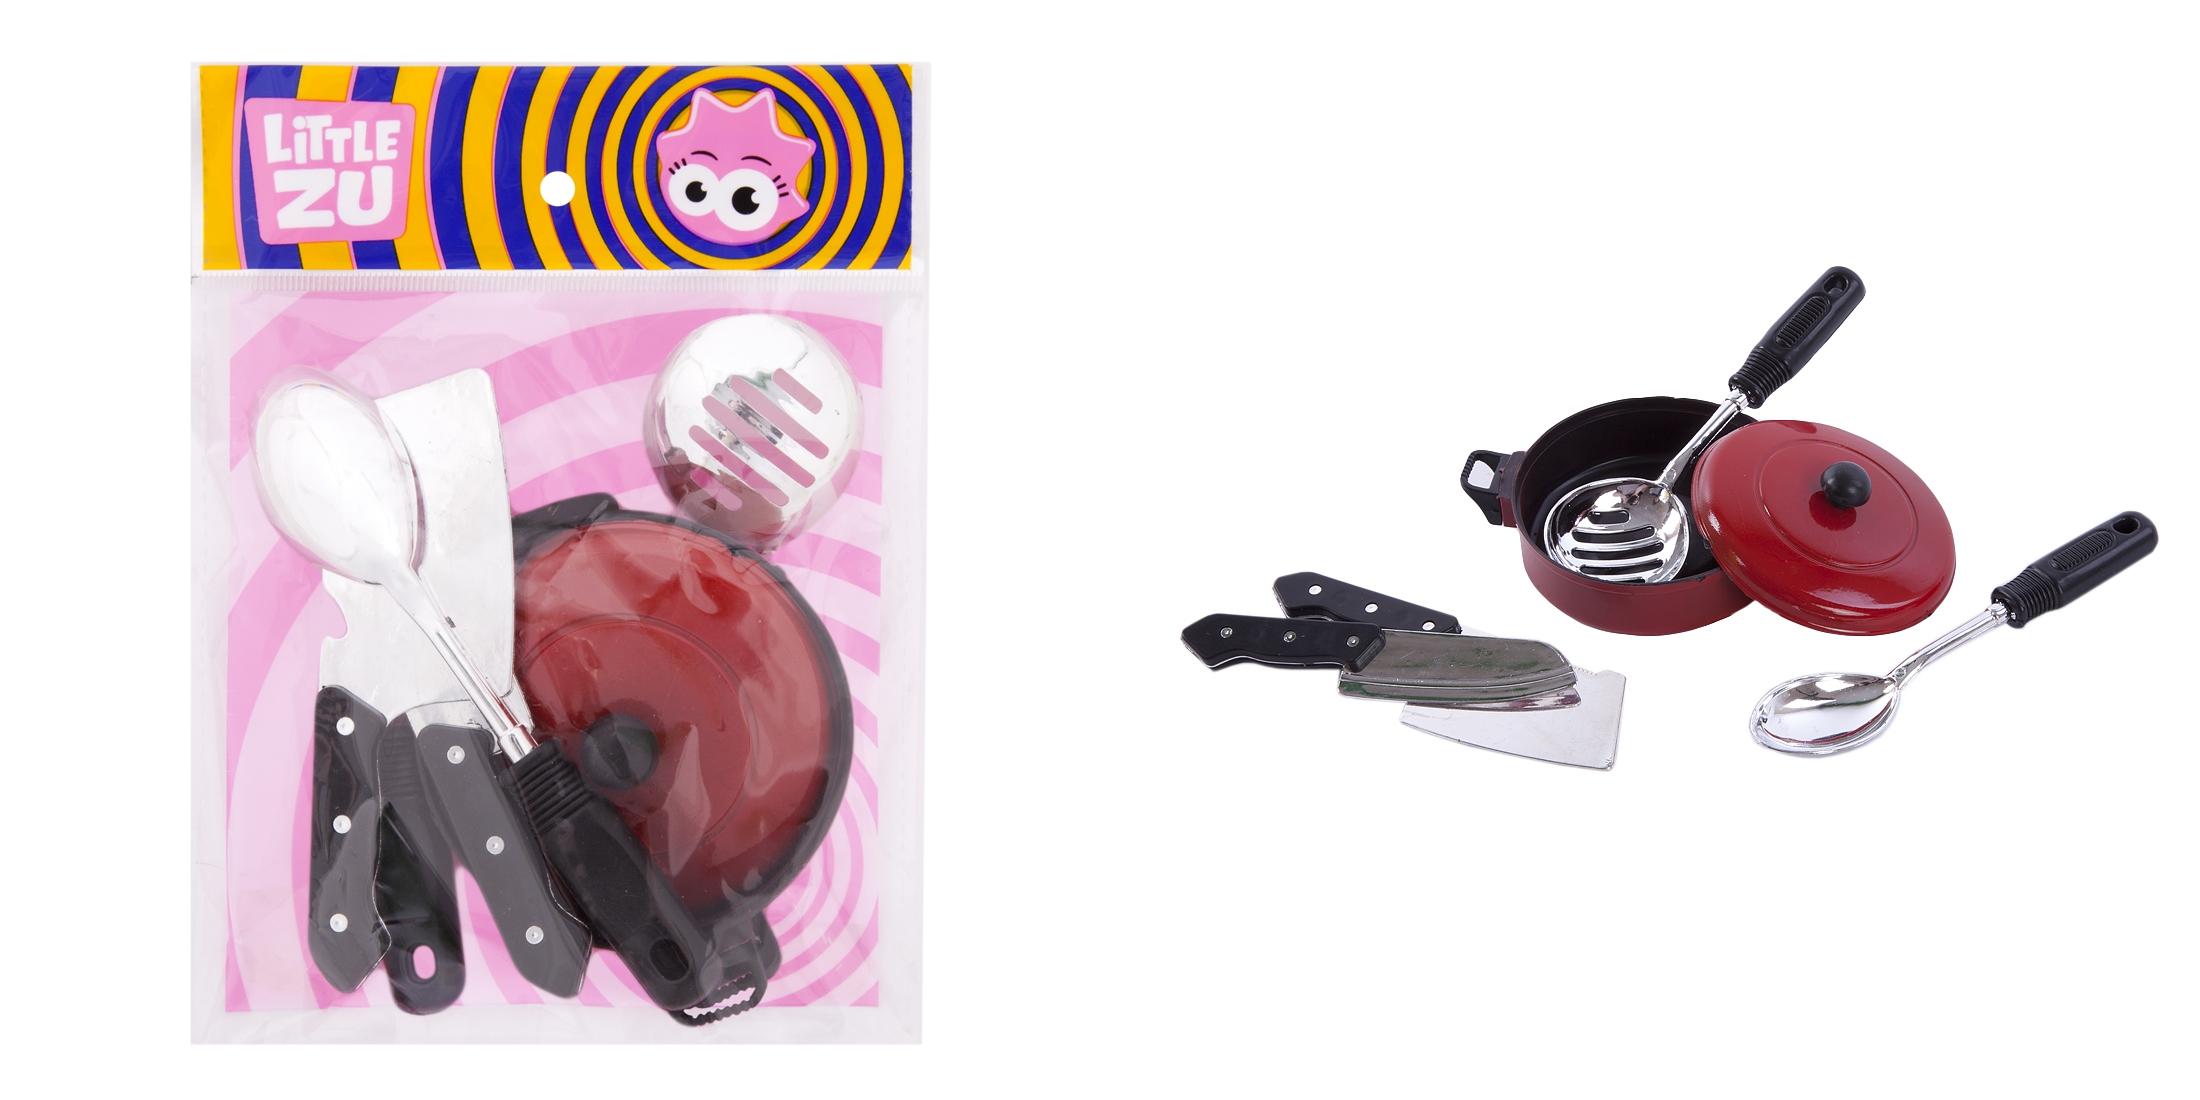 Купить Детские кухни и бытовая техника, «Бытовая заводная техника», «Набор посуды», 1шт., Little Zu 90045, Китай